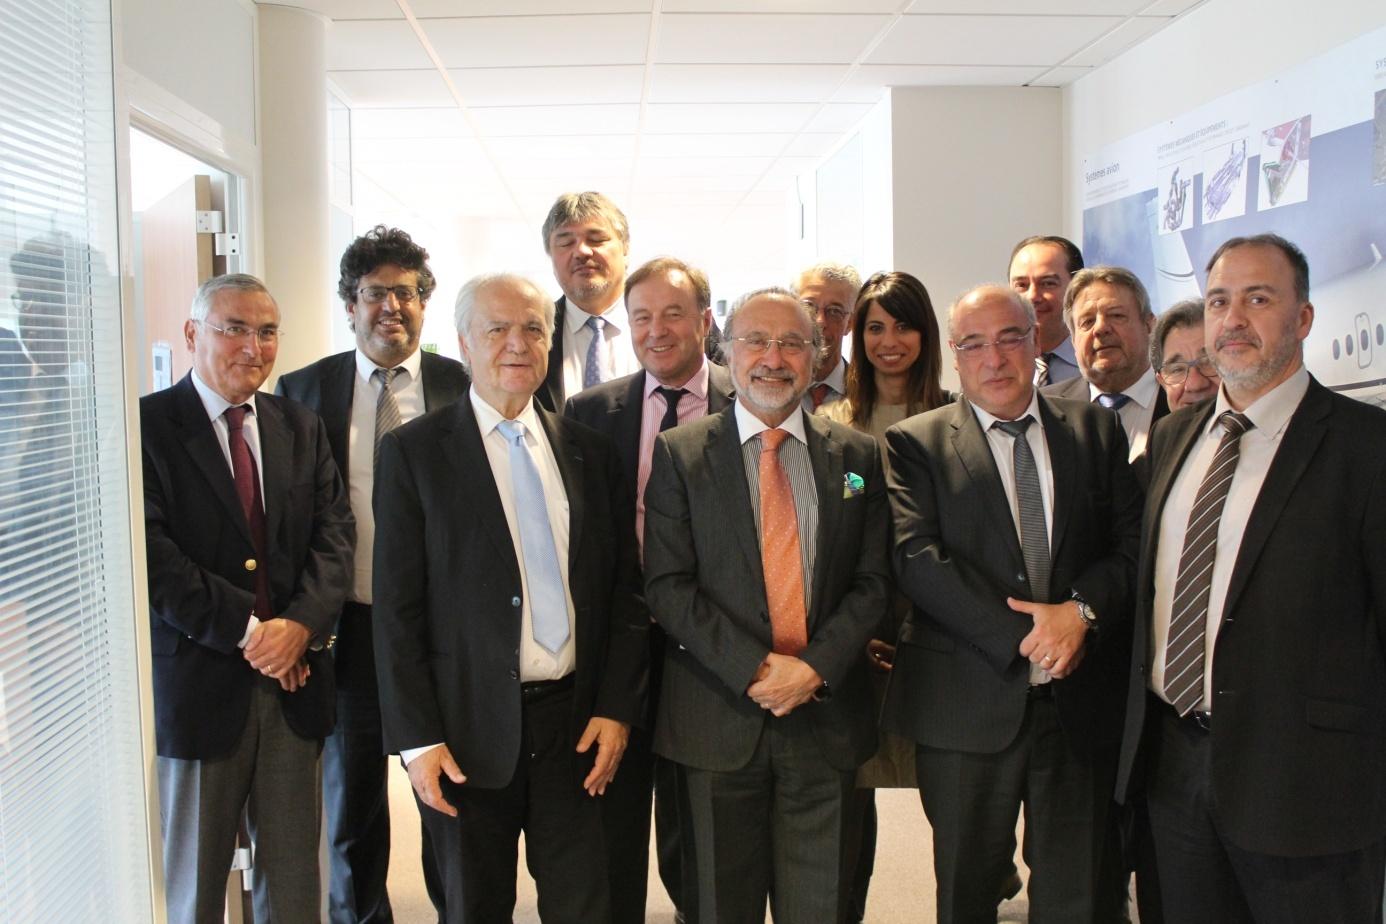 En présence d'Olivier Dassault, David Douillet, Jean-Michel Fourgous, Meyer Habib et Fernand Siré